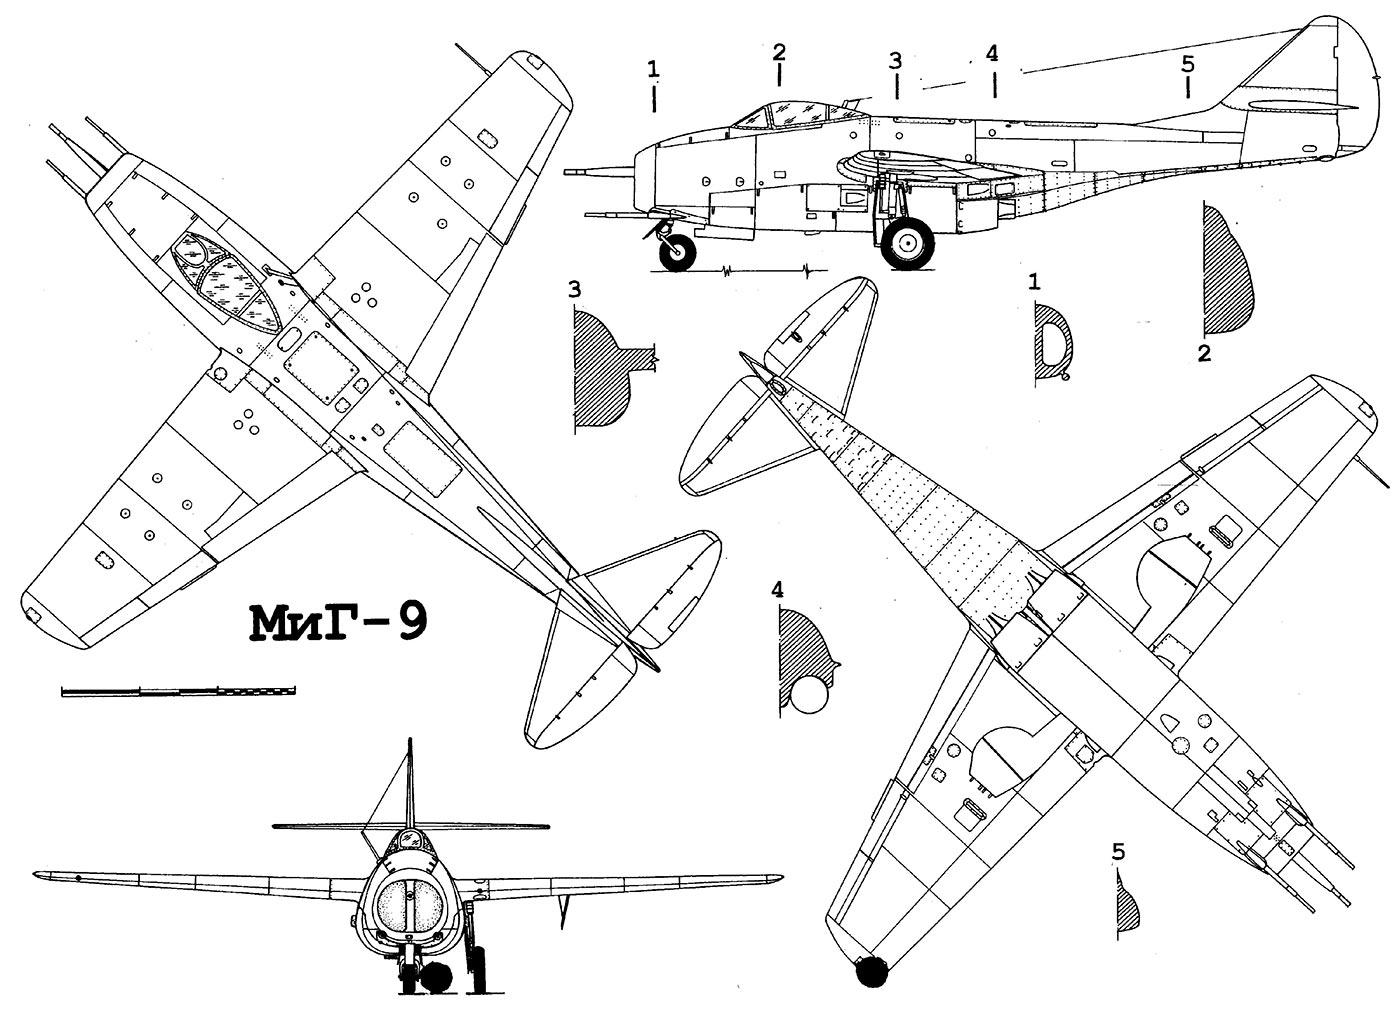 24.04.2017 Создание первых советских турбореактивных истребителей: МиГ-9 и Як-154